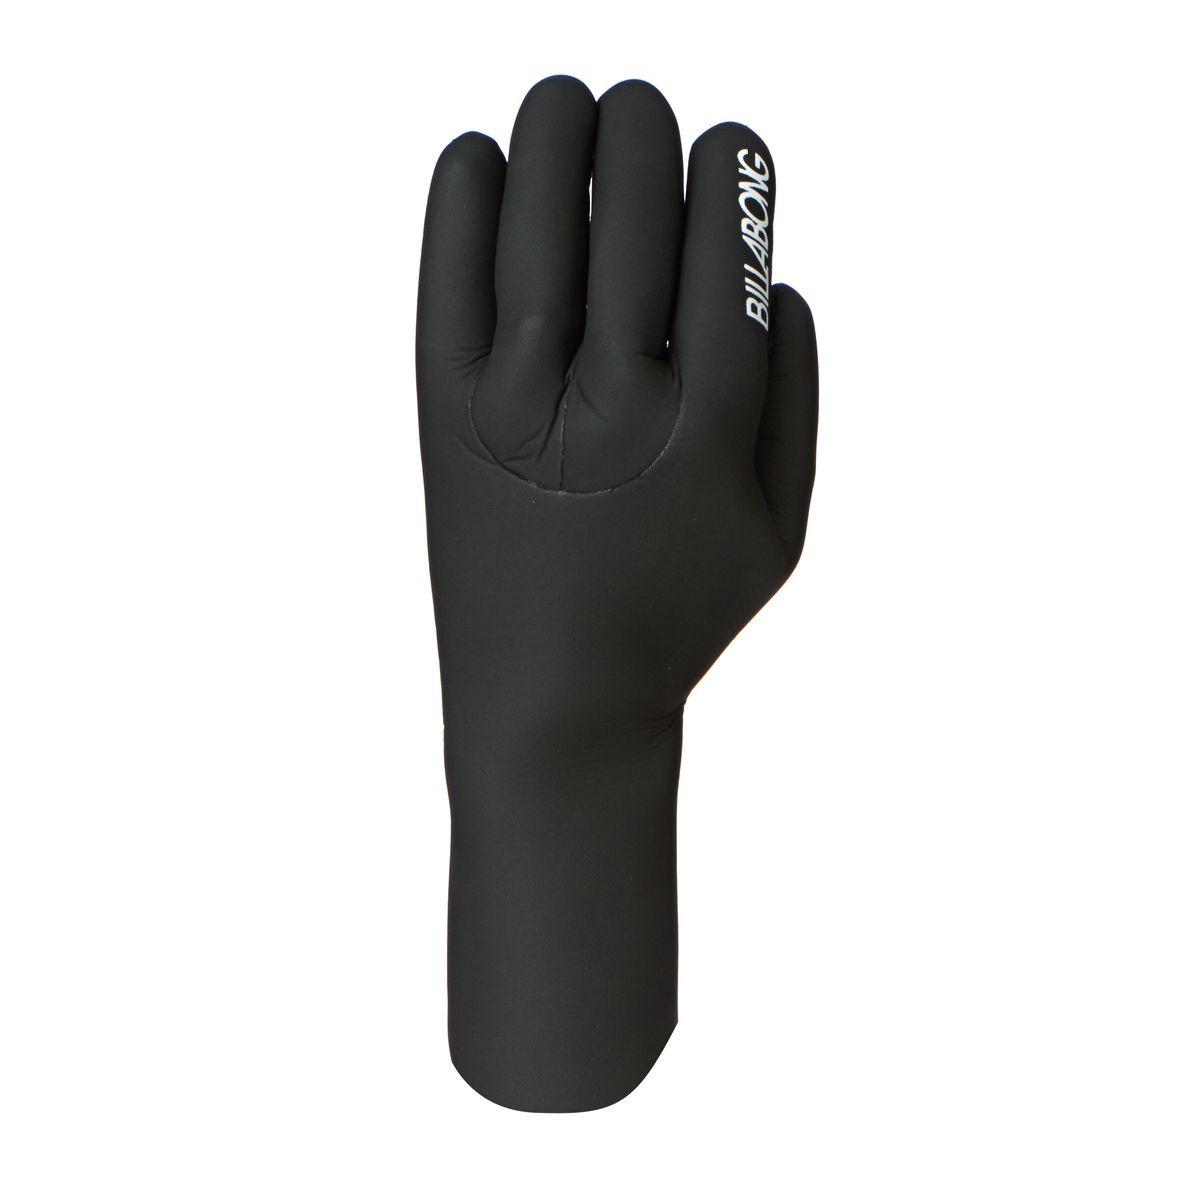 Billabong Foil 5 Finger Wetsuit Gloves - 2mm